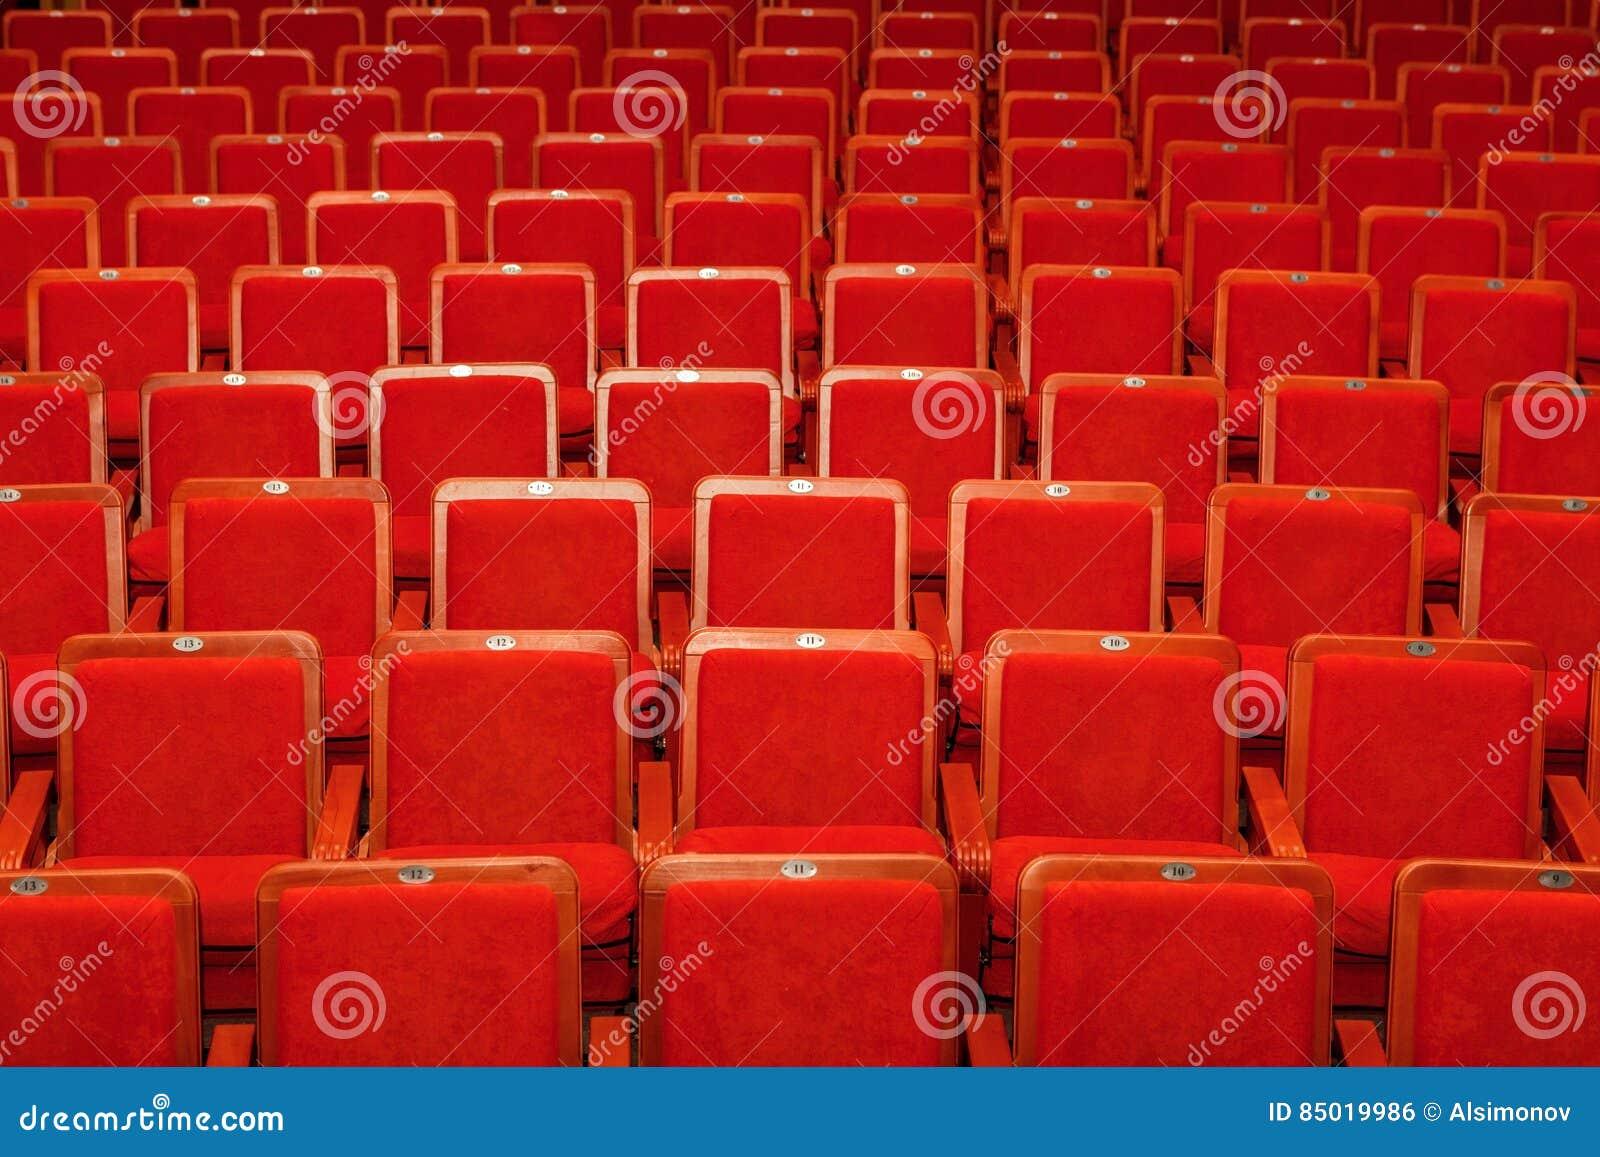 Κόκκινες καρέκλες για το ακροατήριο στον κινηματογράφο ή το θέατρο